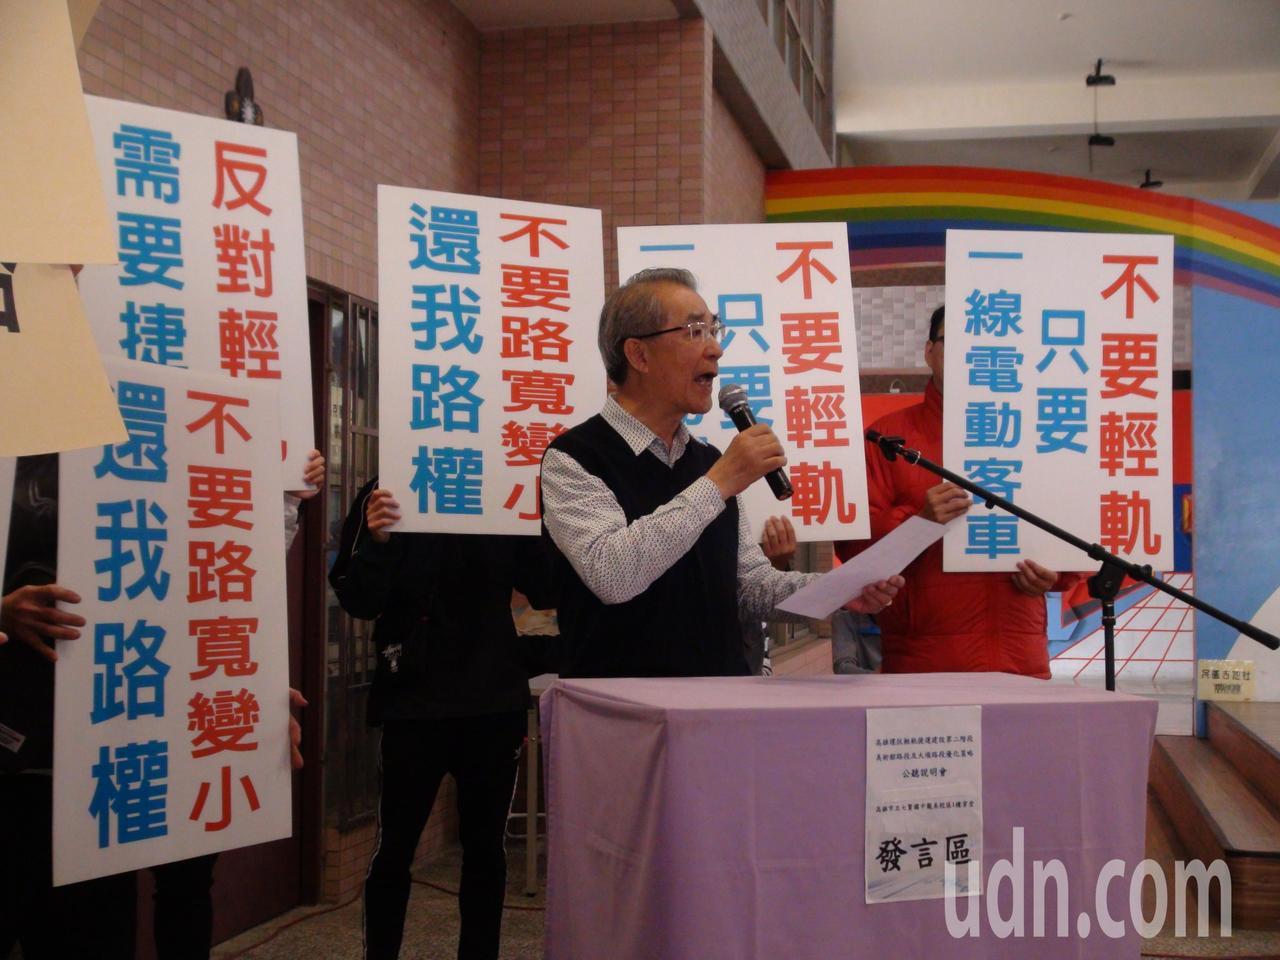 高雄市皇苑建設董事長郭敏能公開反對輕軌行經高雄市美術館路。記者謝梅芬/攝影